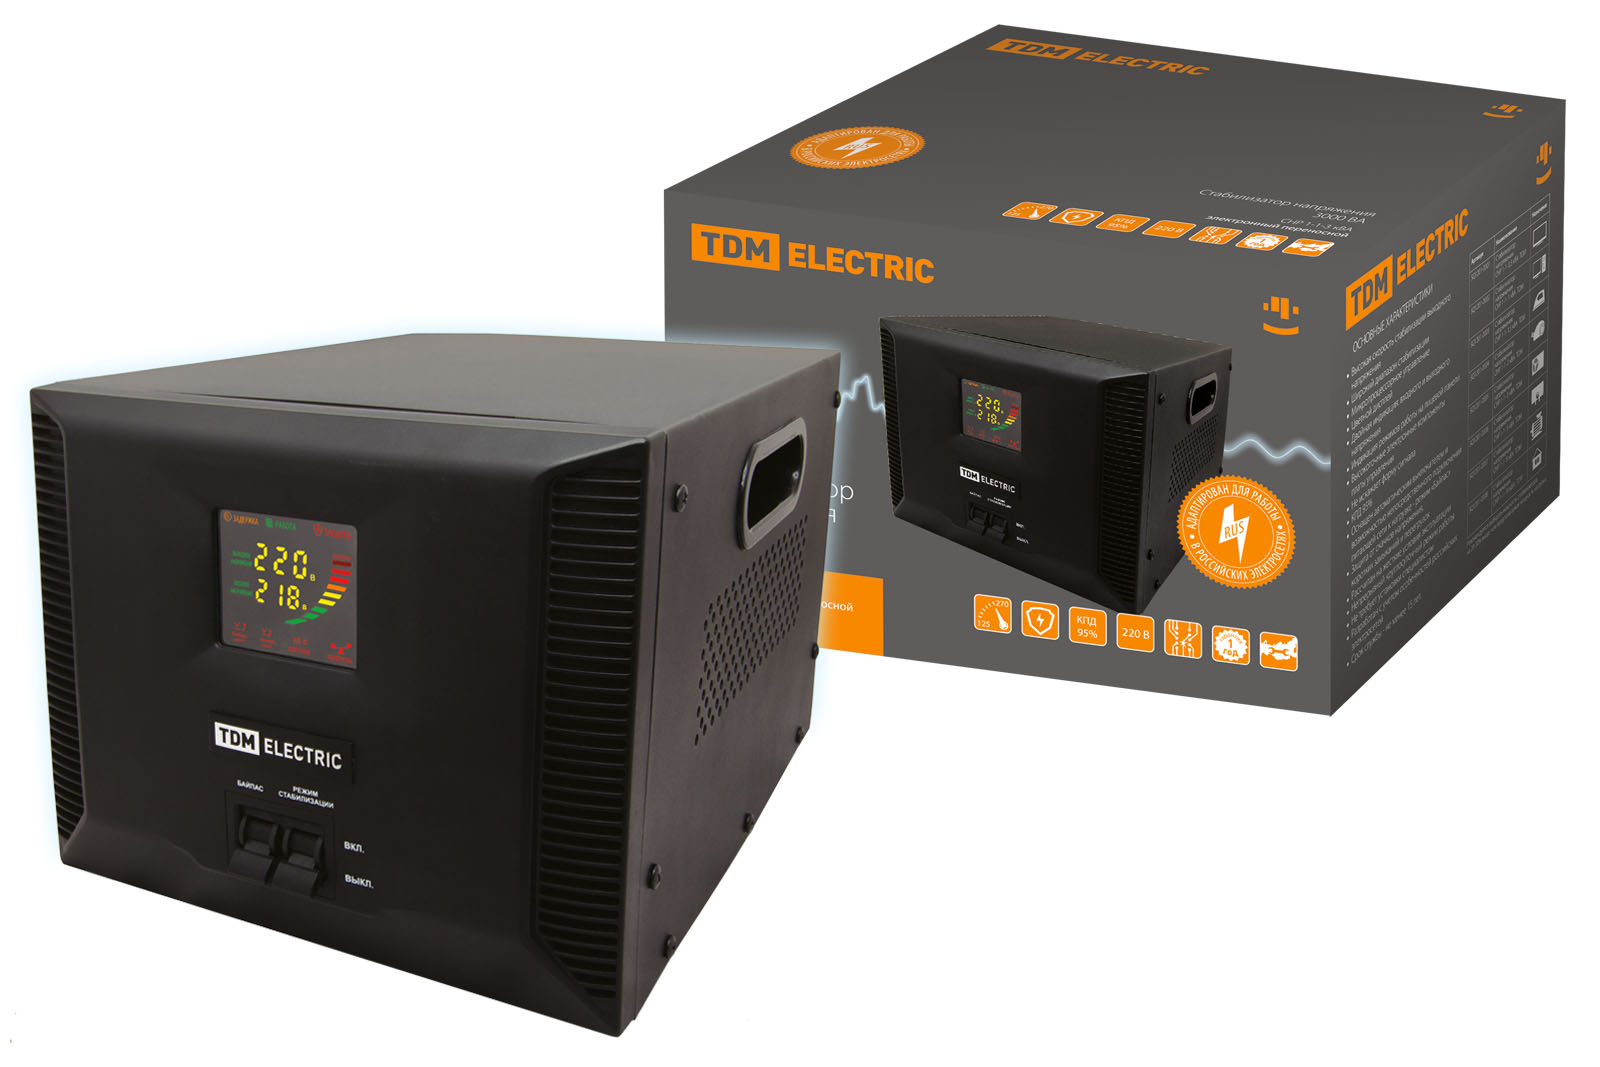 Стабилизатор напряжения Tdm Sq1201-0006